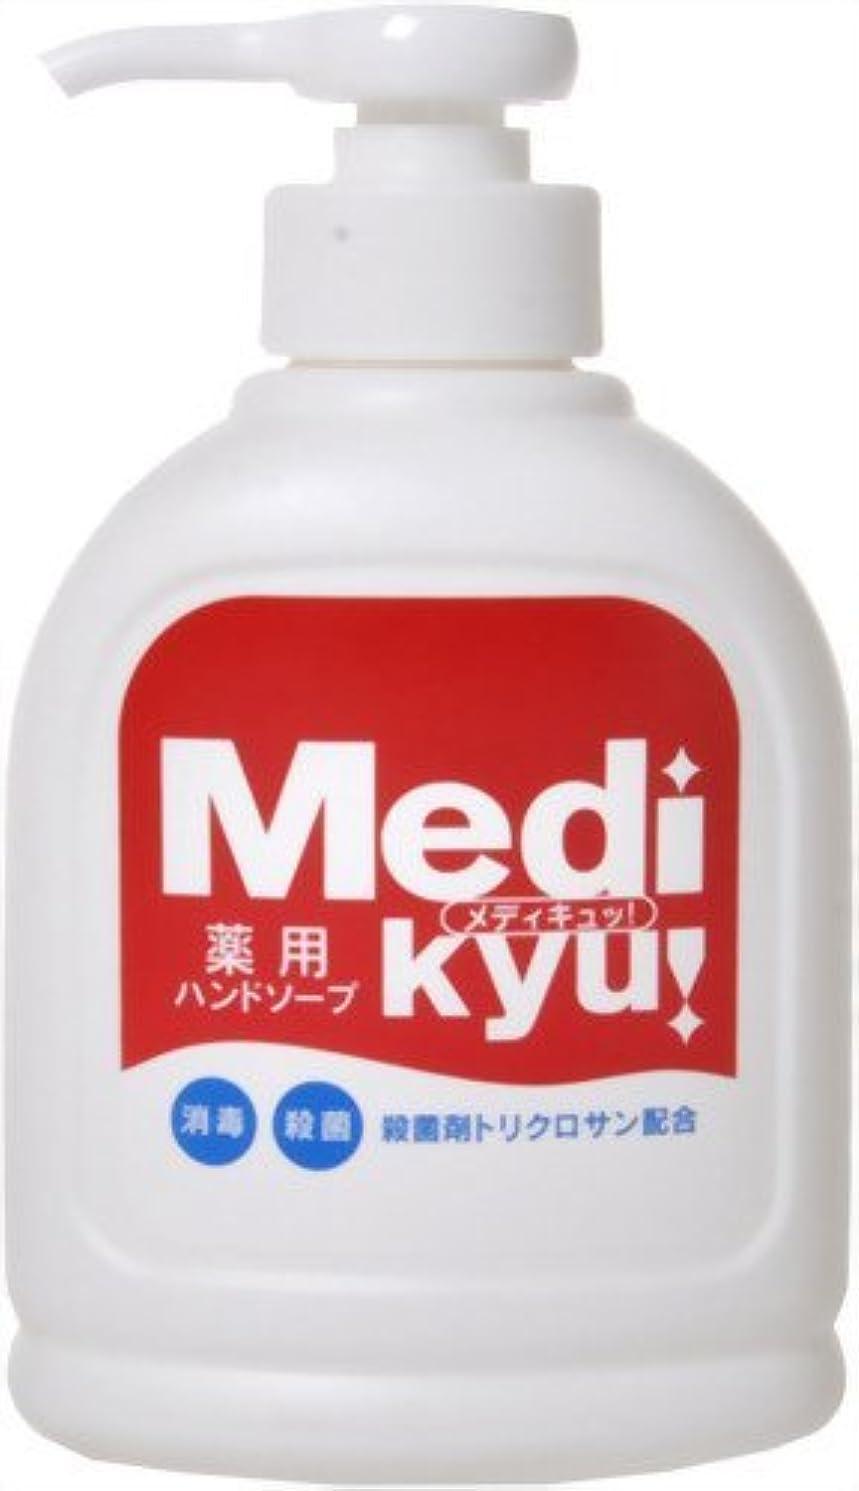 原稿助言プレミアム【まとめ買い】薬用ハンドソープ メディキュッ 250ml ×5個